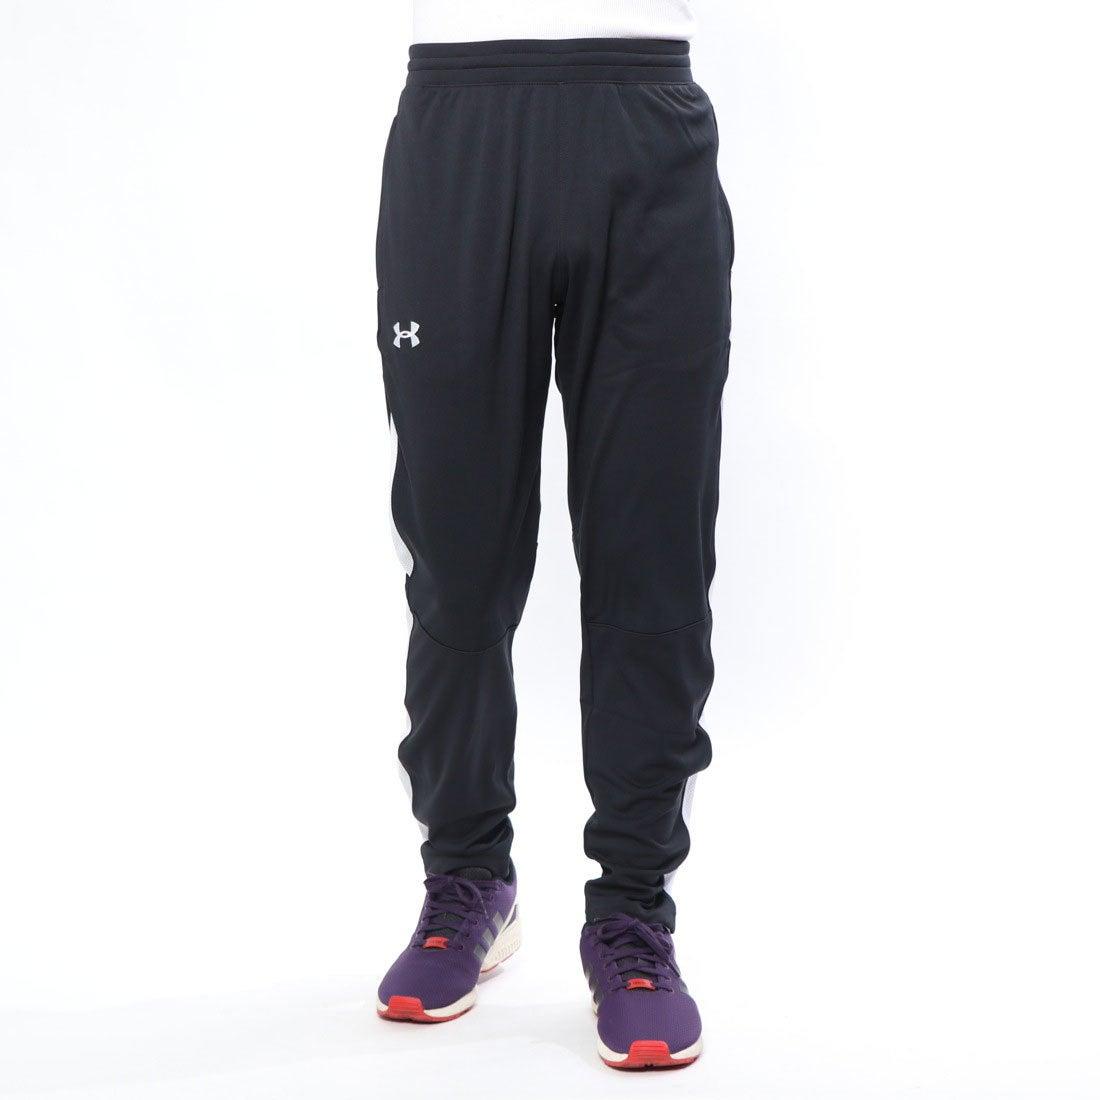 Under Armour Mens Sportstyle Pique Pants Under Armour Apparel 1313201